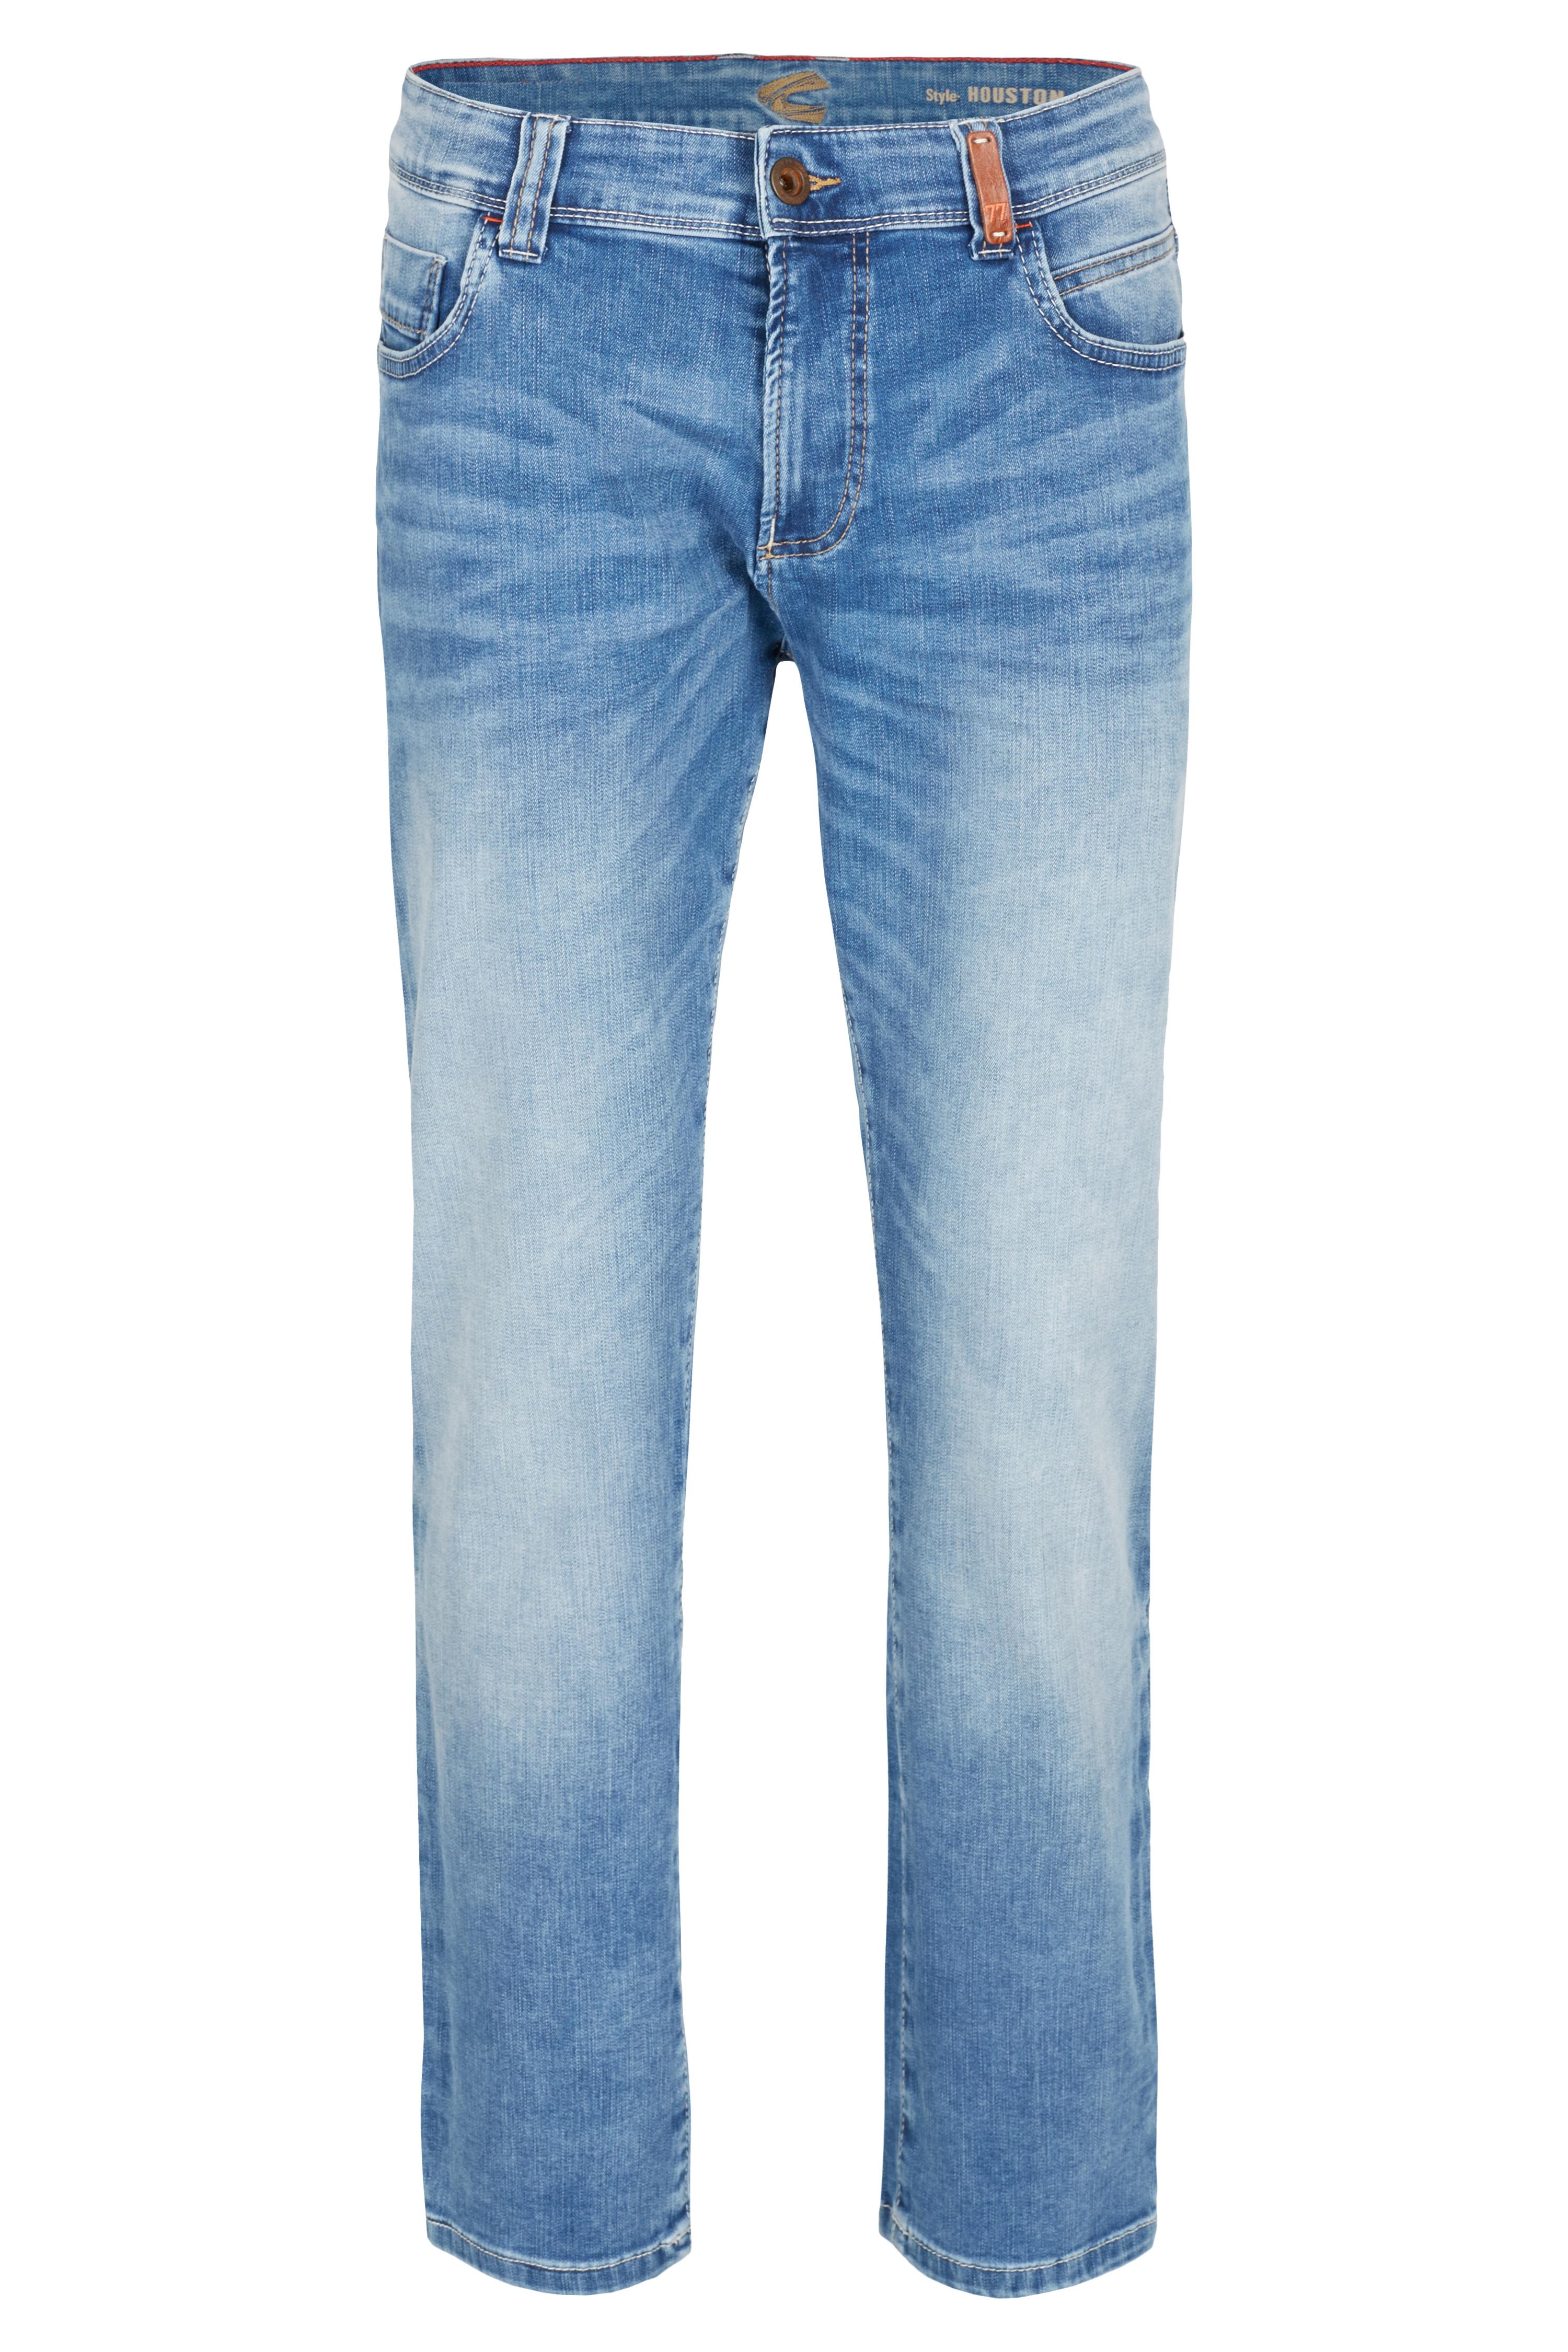 camel active herren hose 5 pocket jeans houston mit. Black Bedroom Furniture Sets. Home Design Ideas